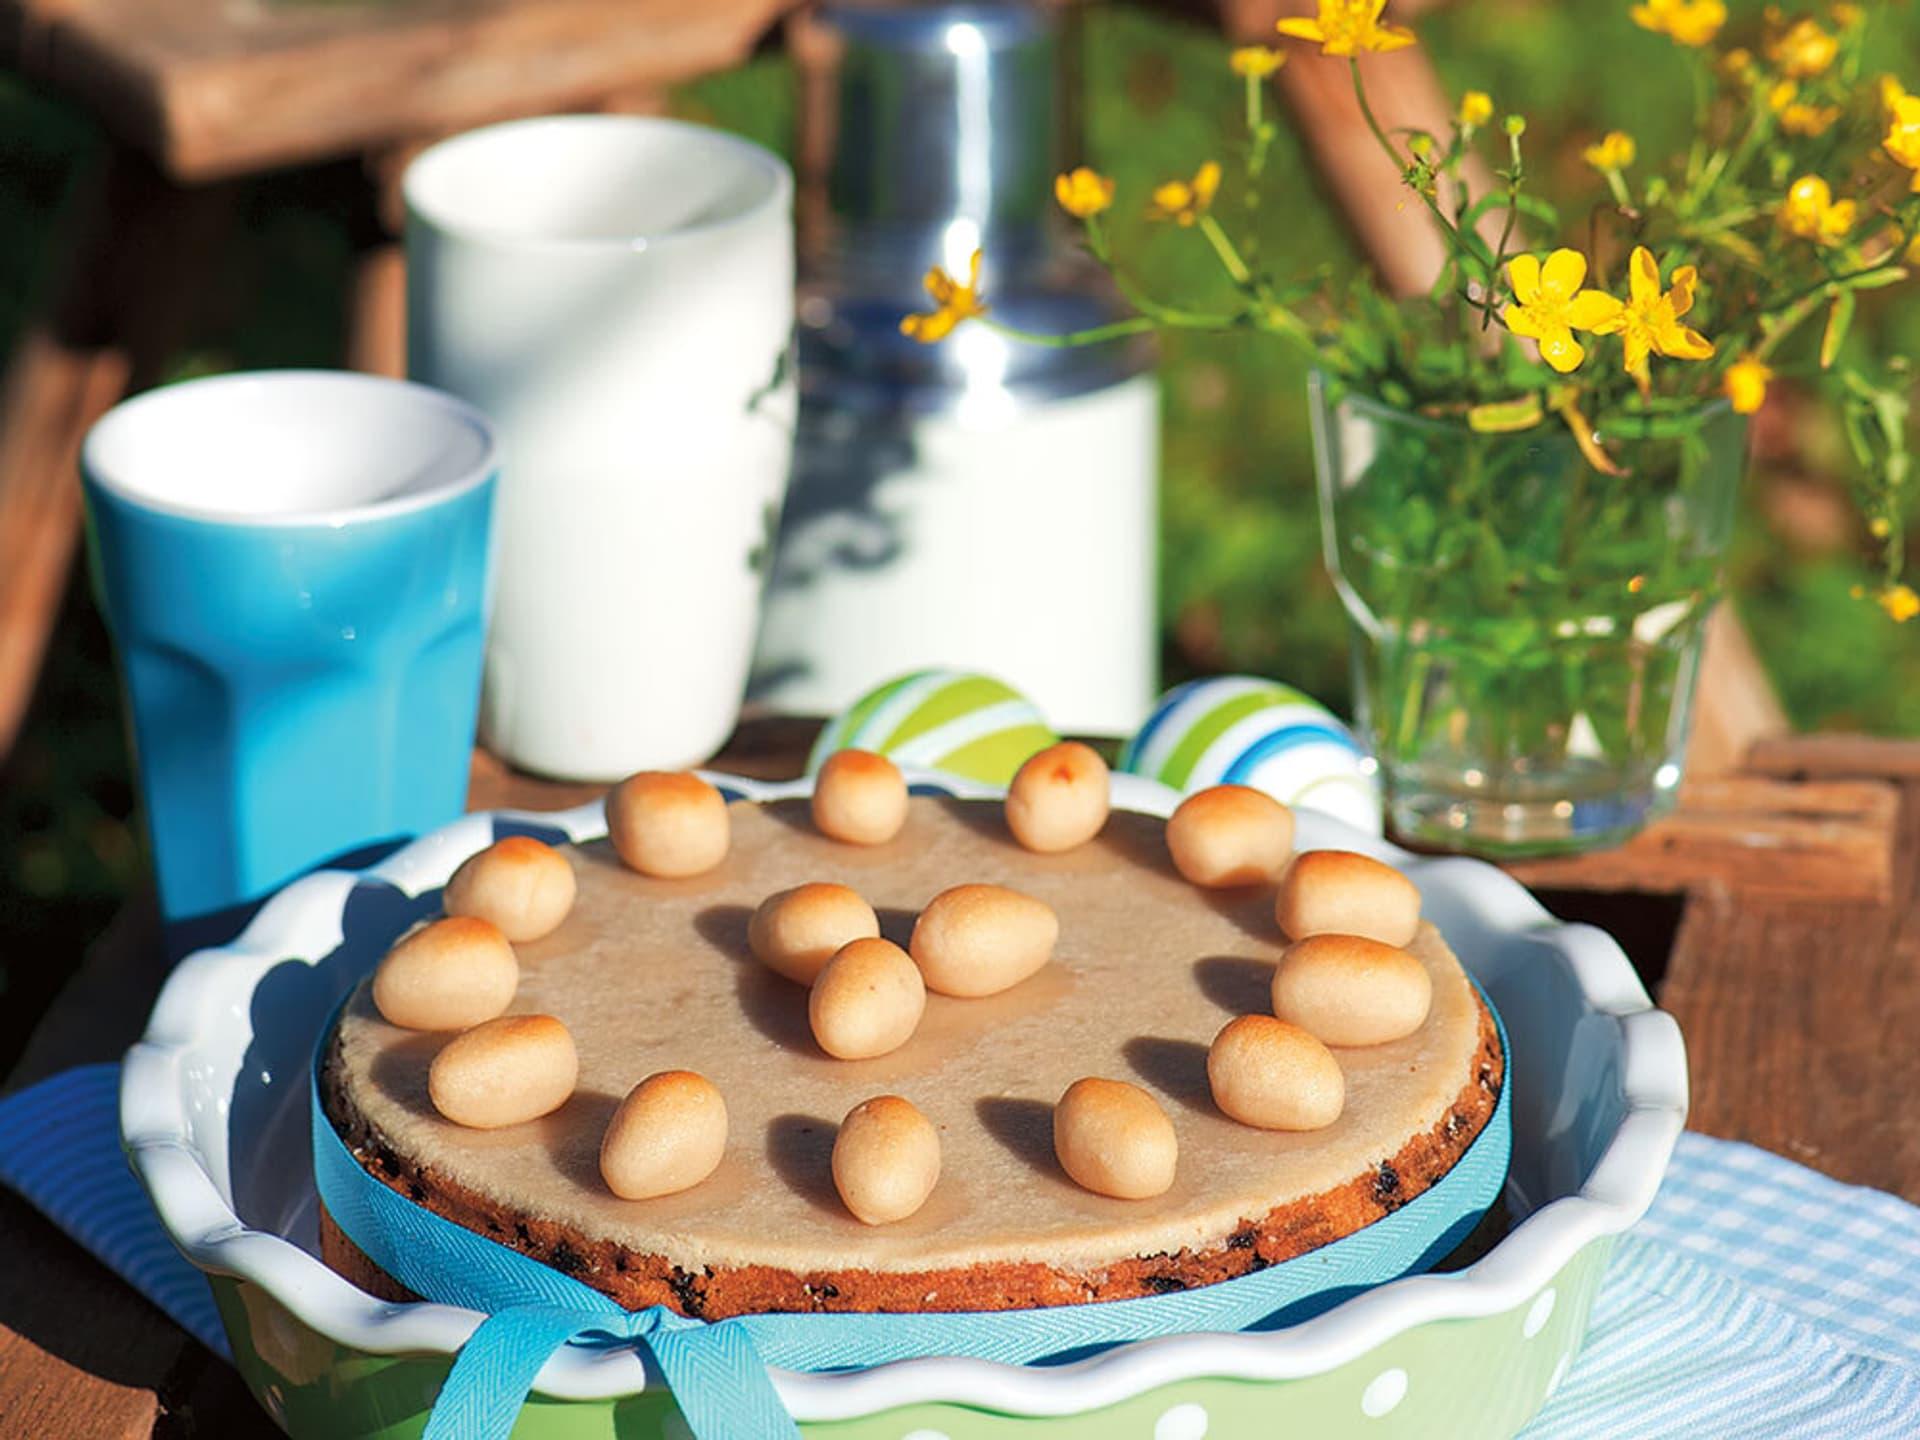 Ein Früchtekuchen verziert mit Ostereiern aus Marzipan und einem hellblauen Band